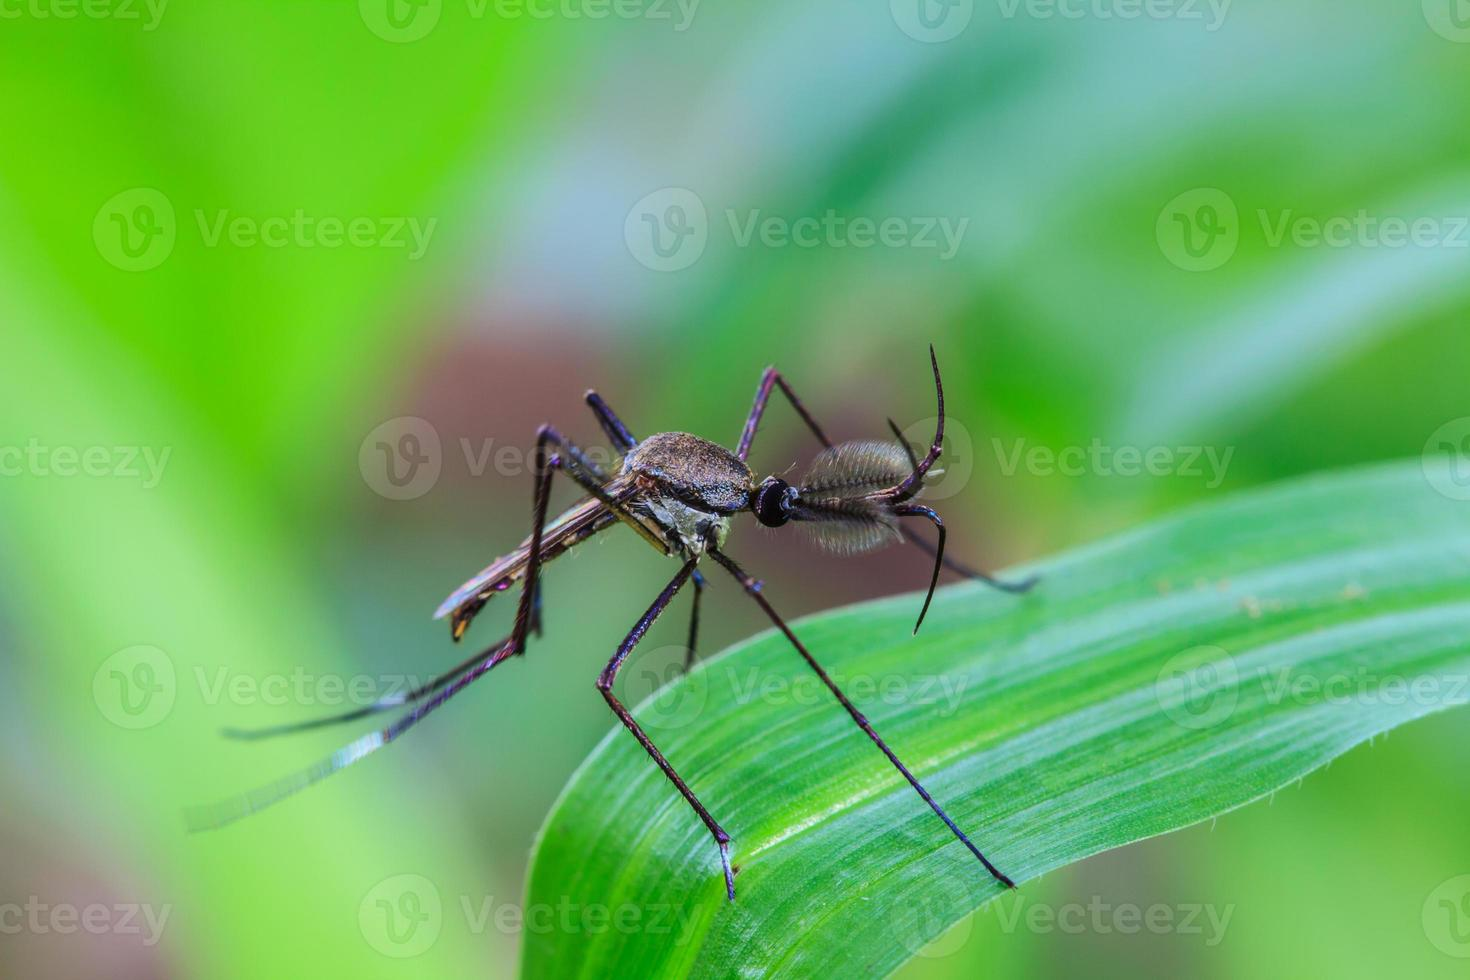 mug op groen blad foto